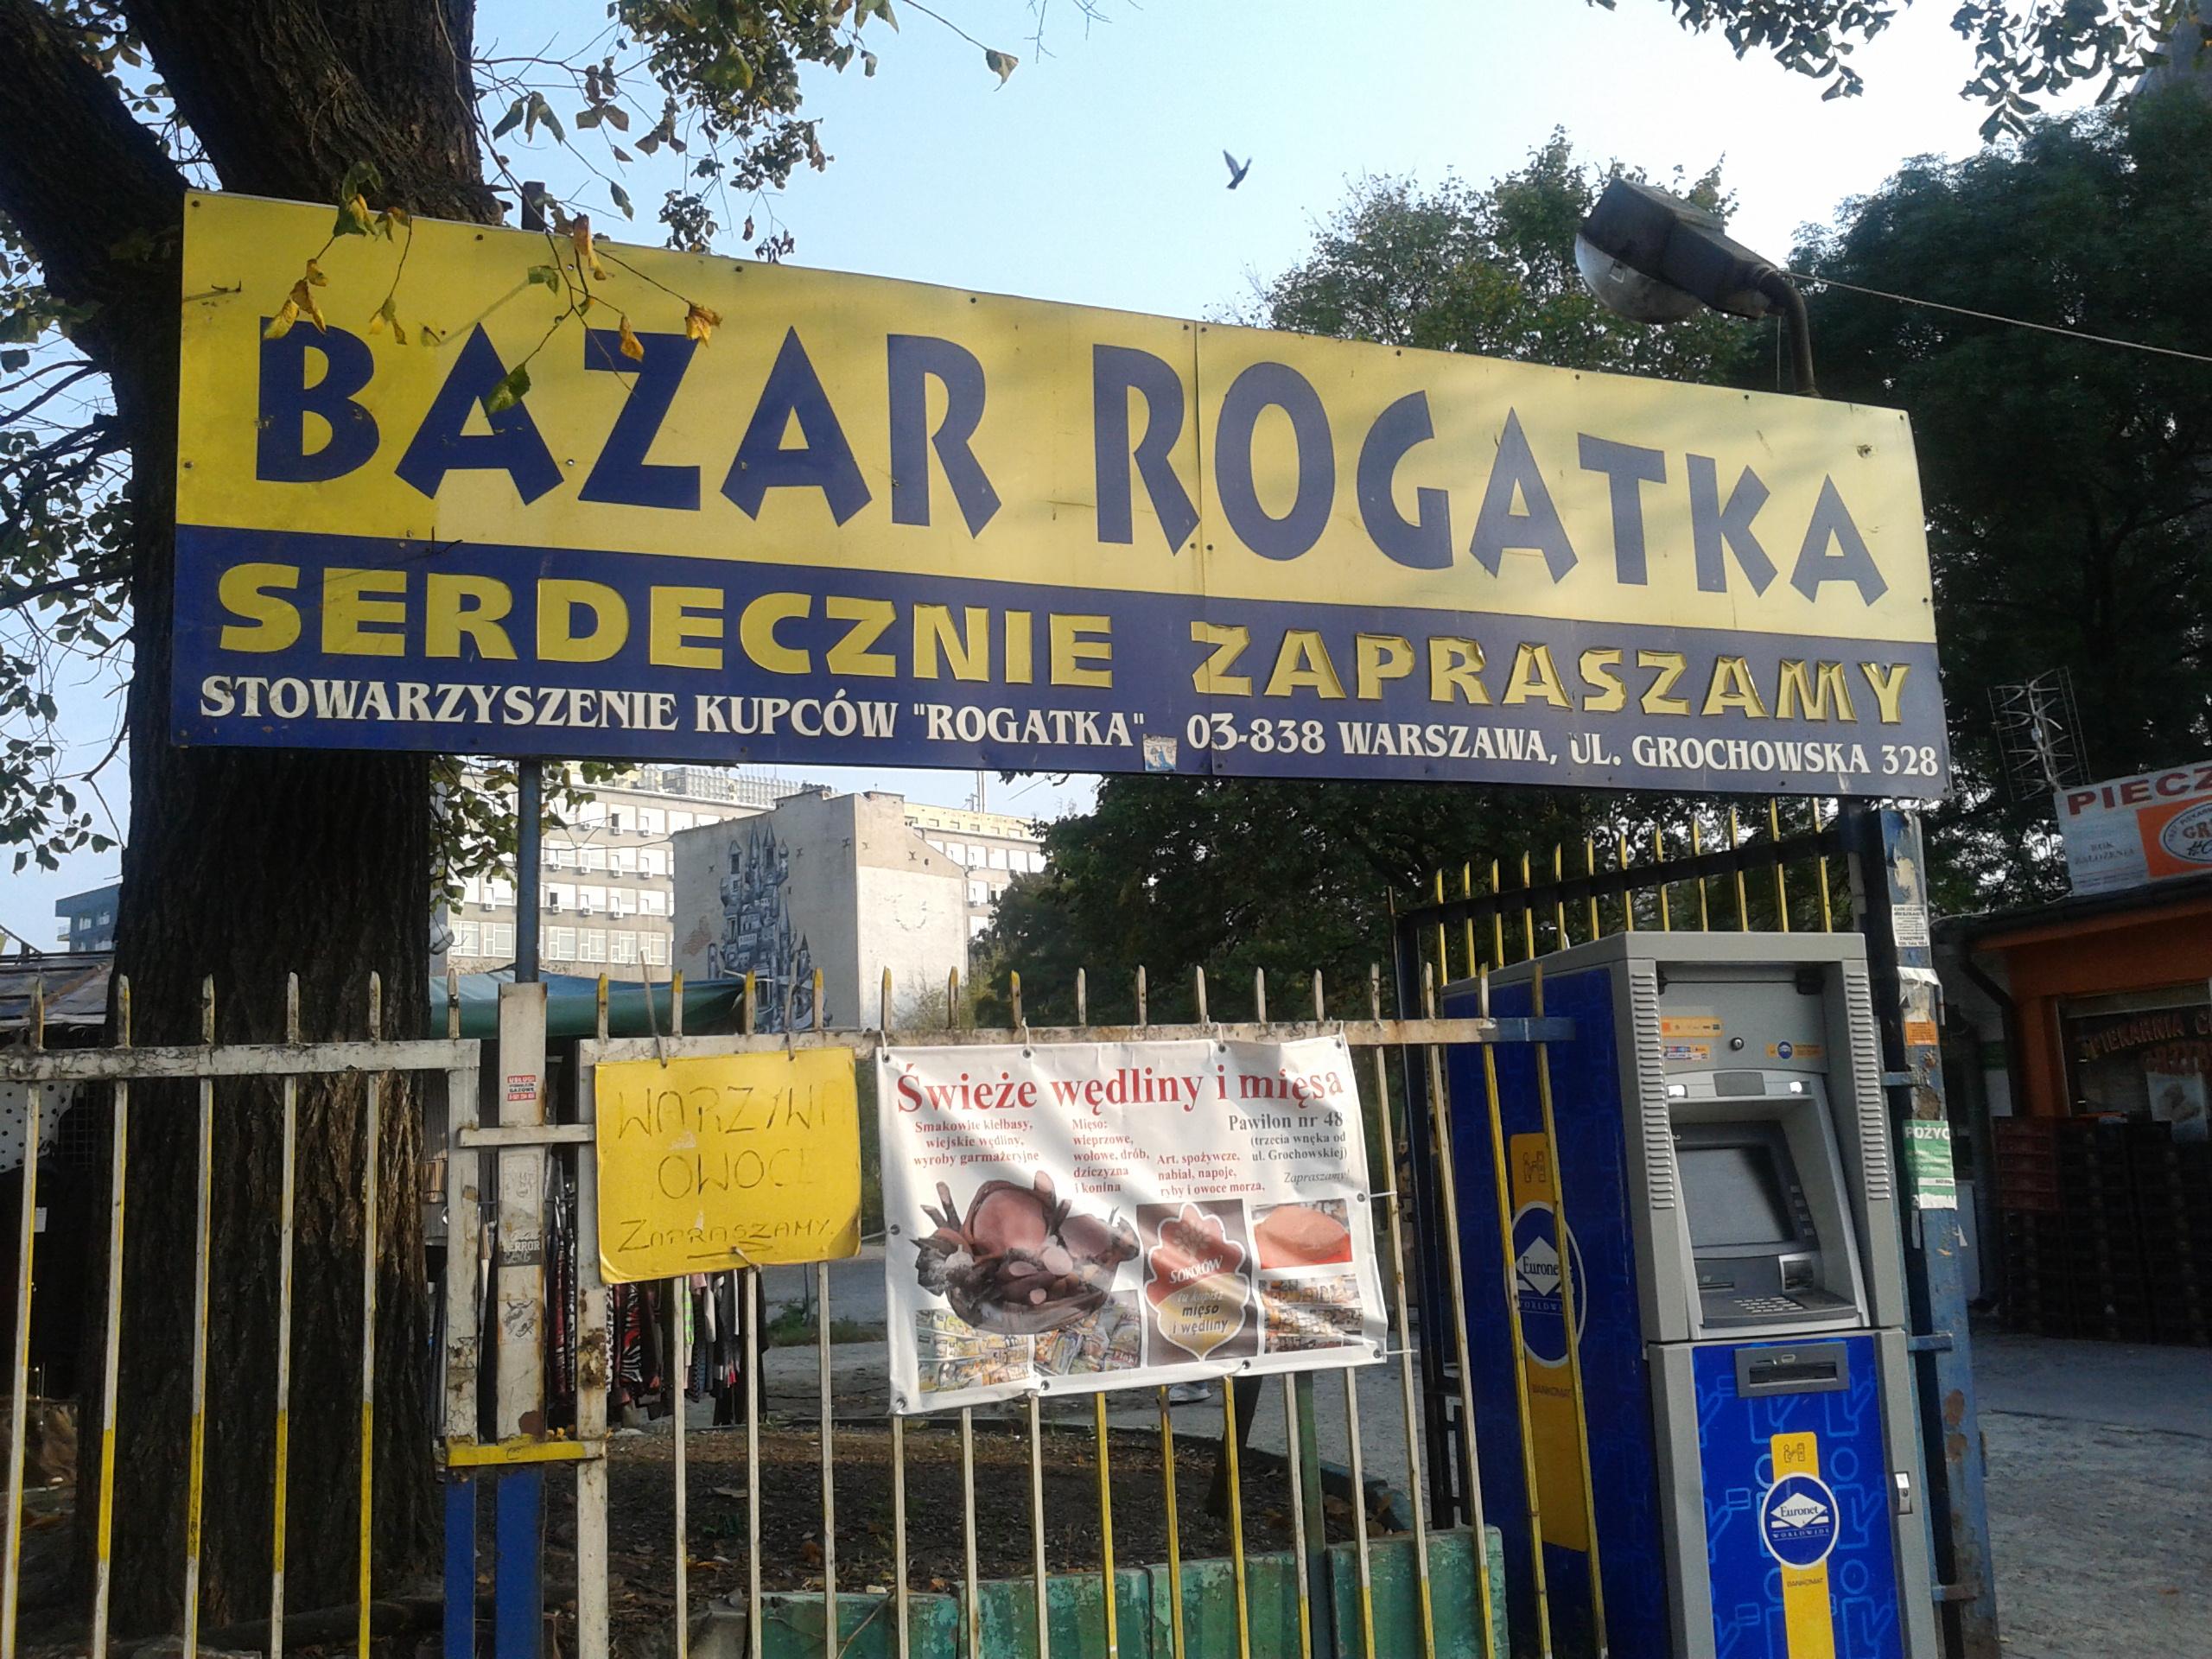 Bazarek Rogatka odchodzi do przeszłości, wkrótce odrodzi się na nowo